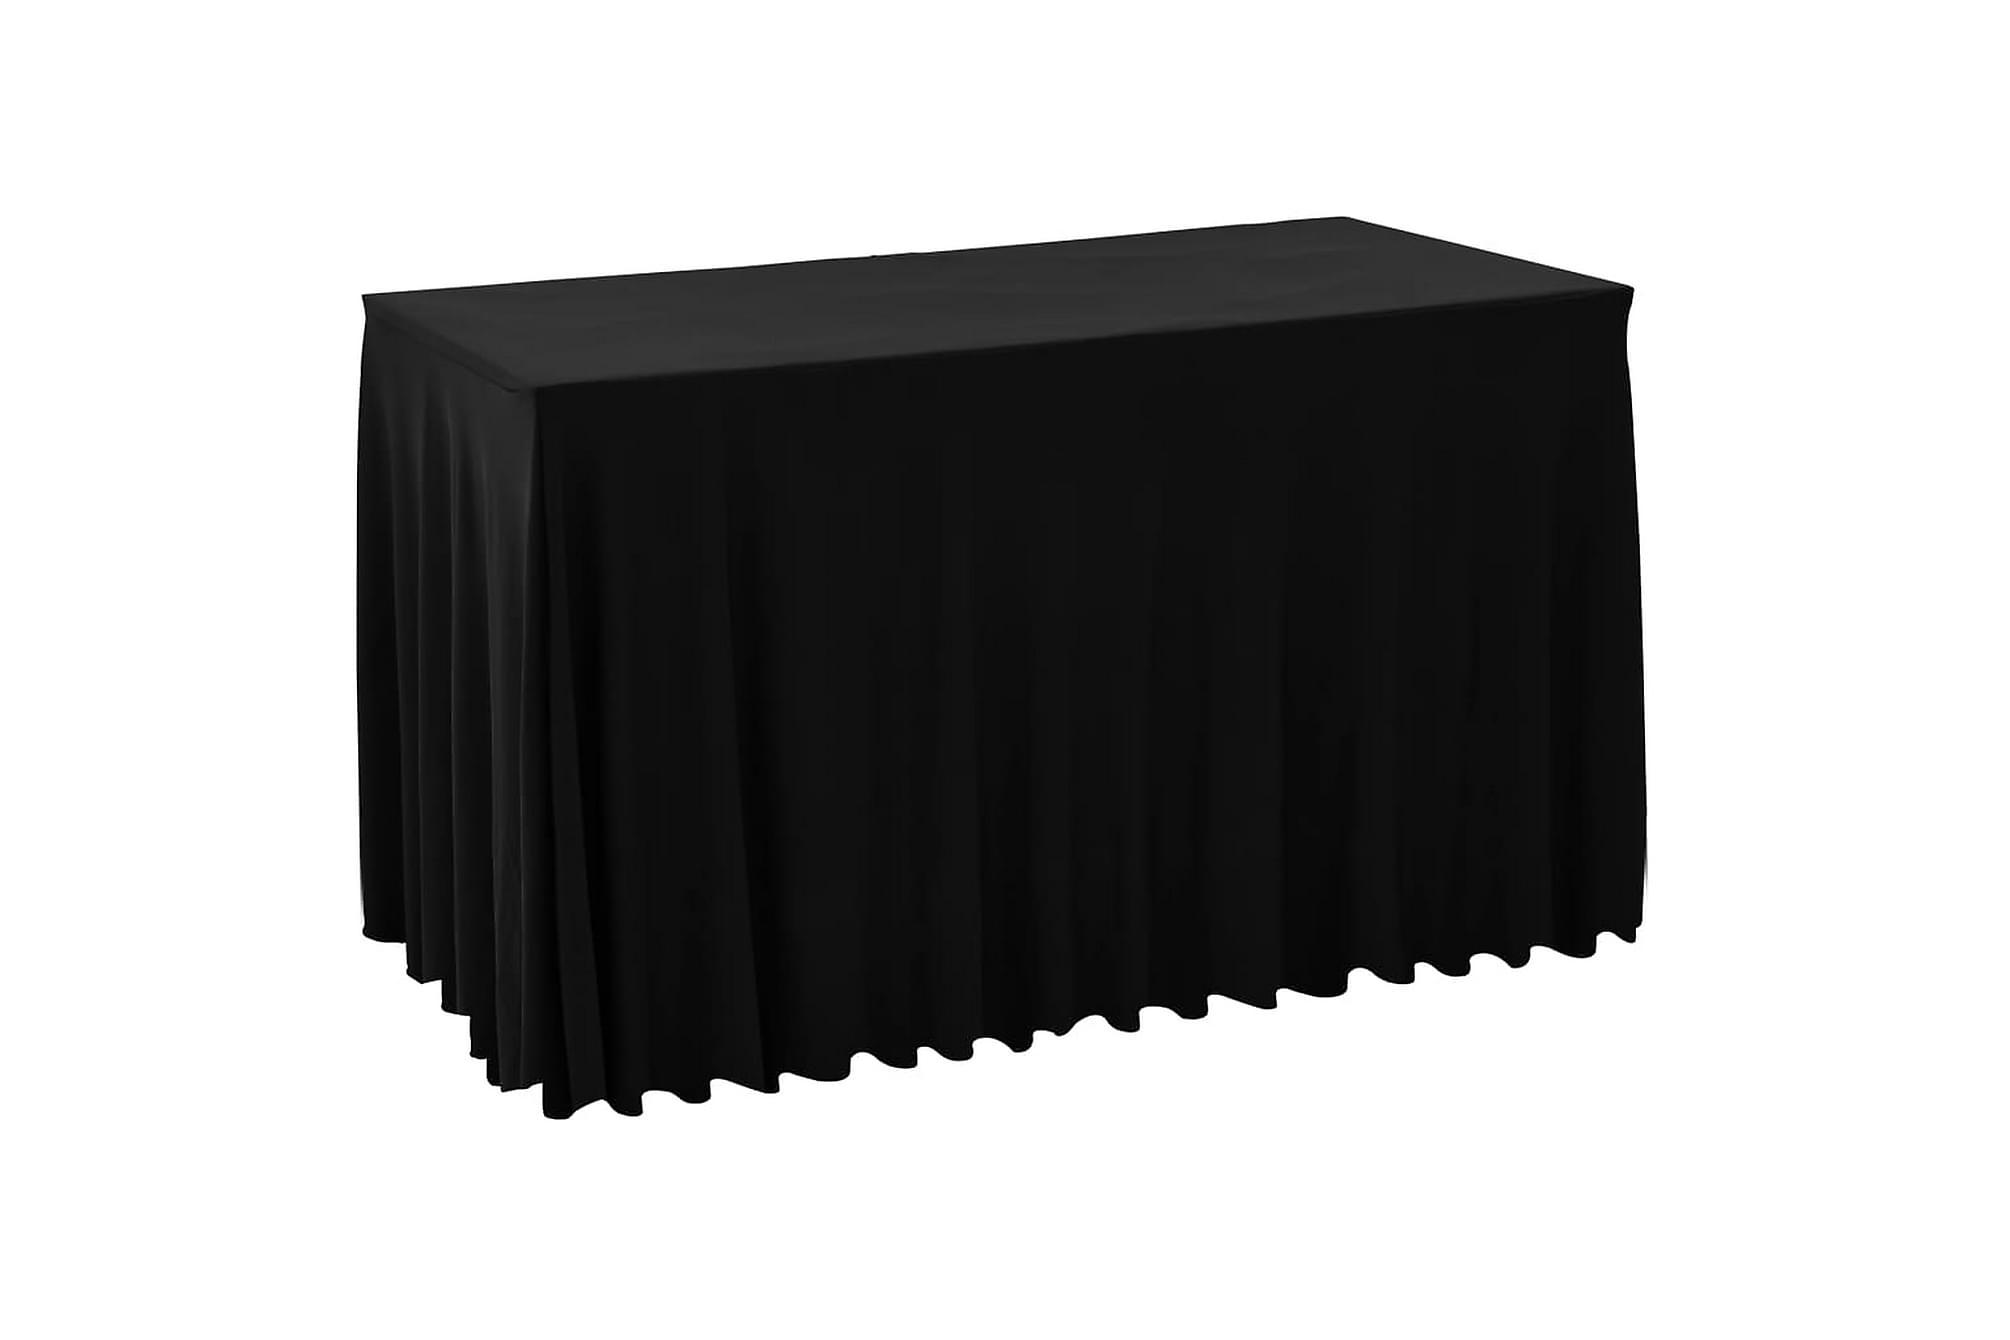 Bordsöverdrag 2 st stretch golvlångt svart 183x76x74 cm